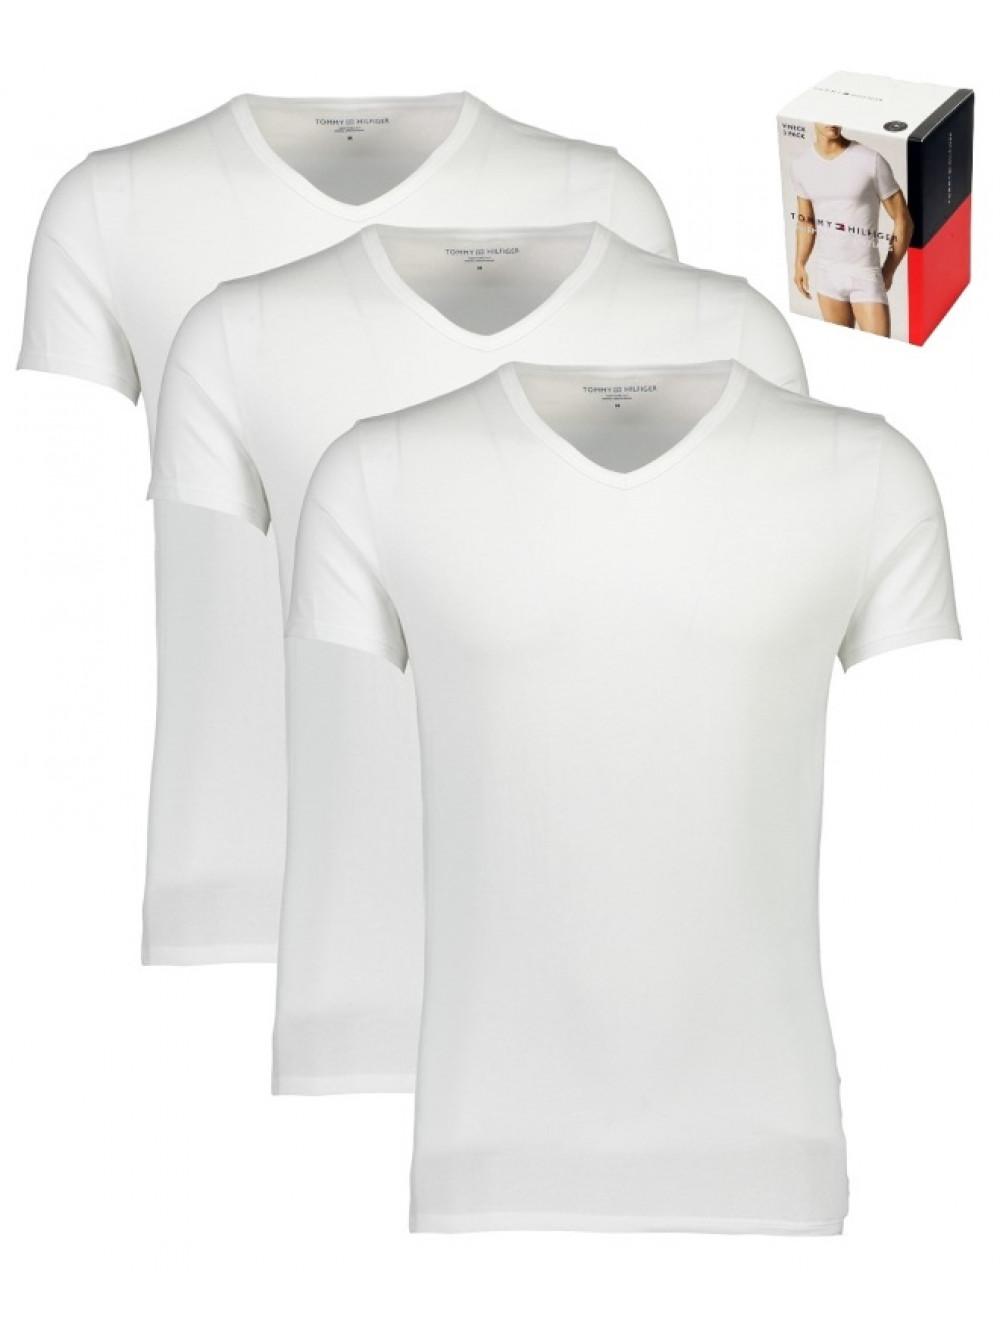 Pánské trička Tommy Hilfiger V-Neck Tee SS bílé 3-pack